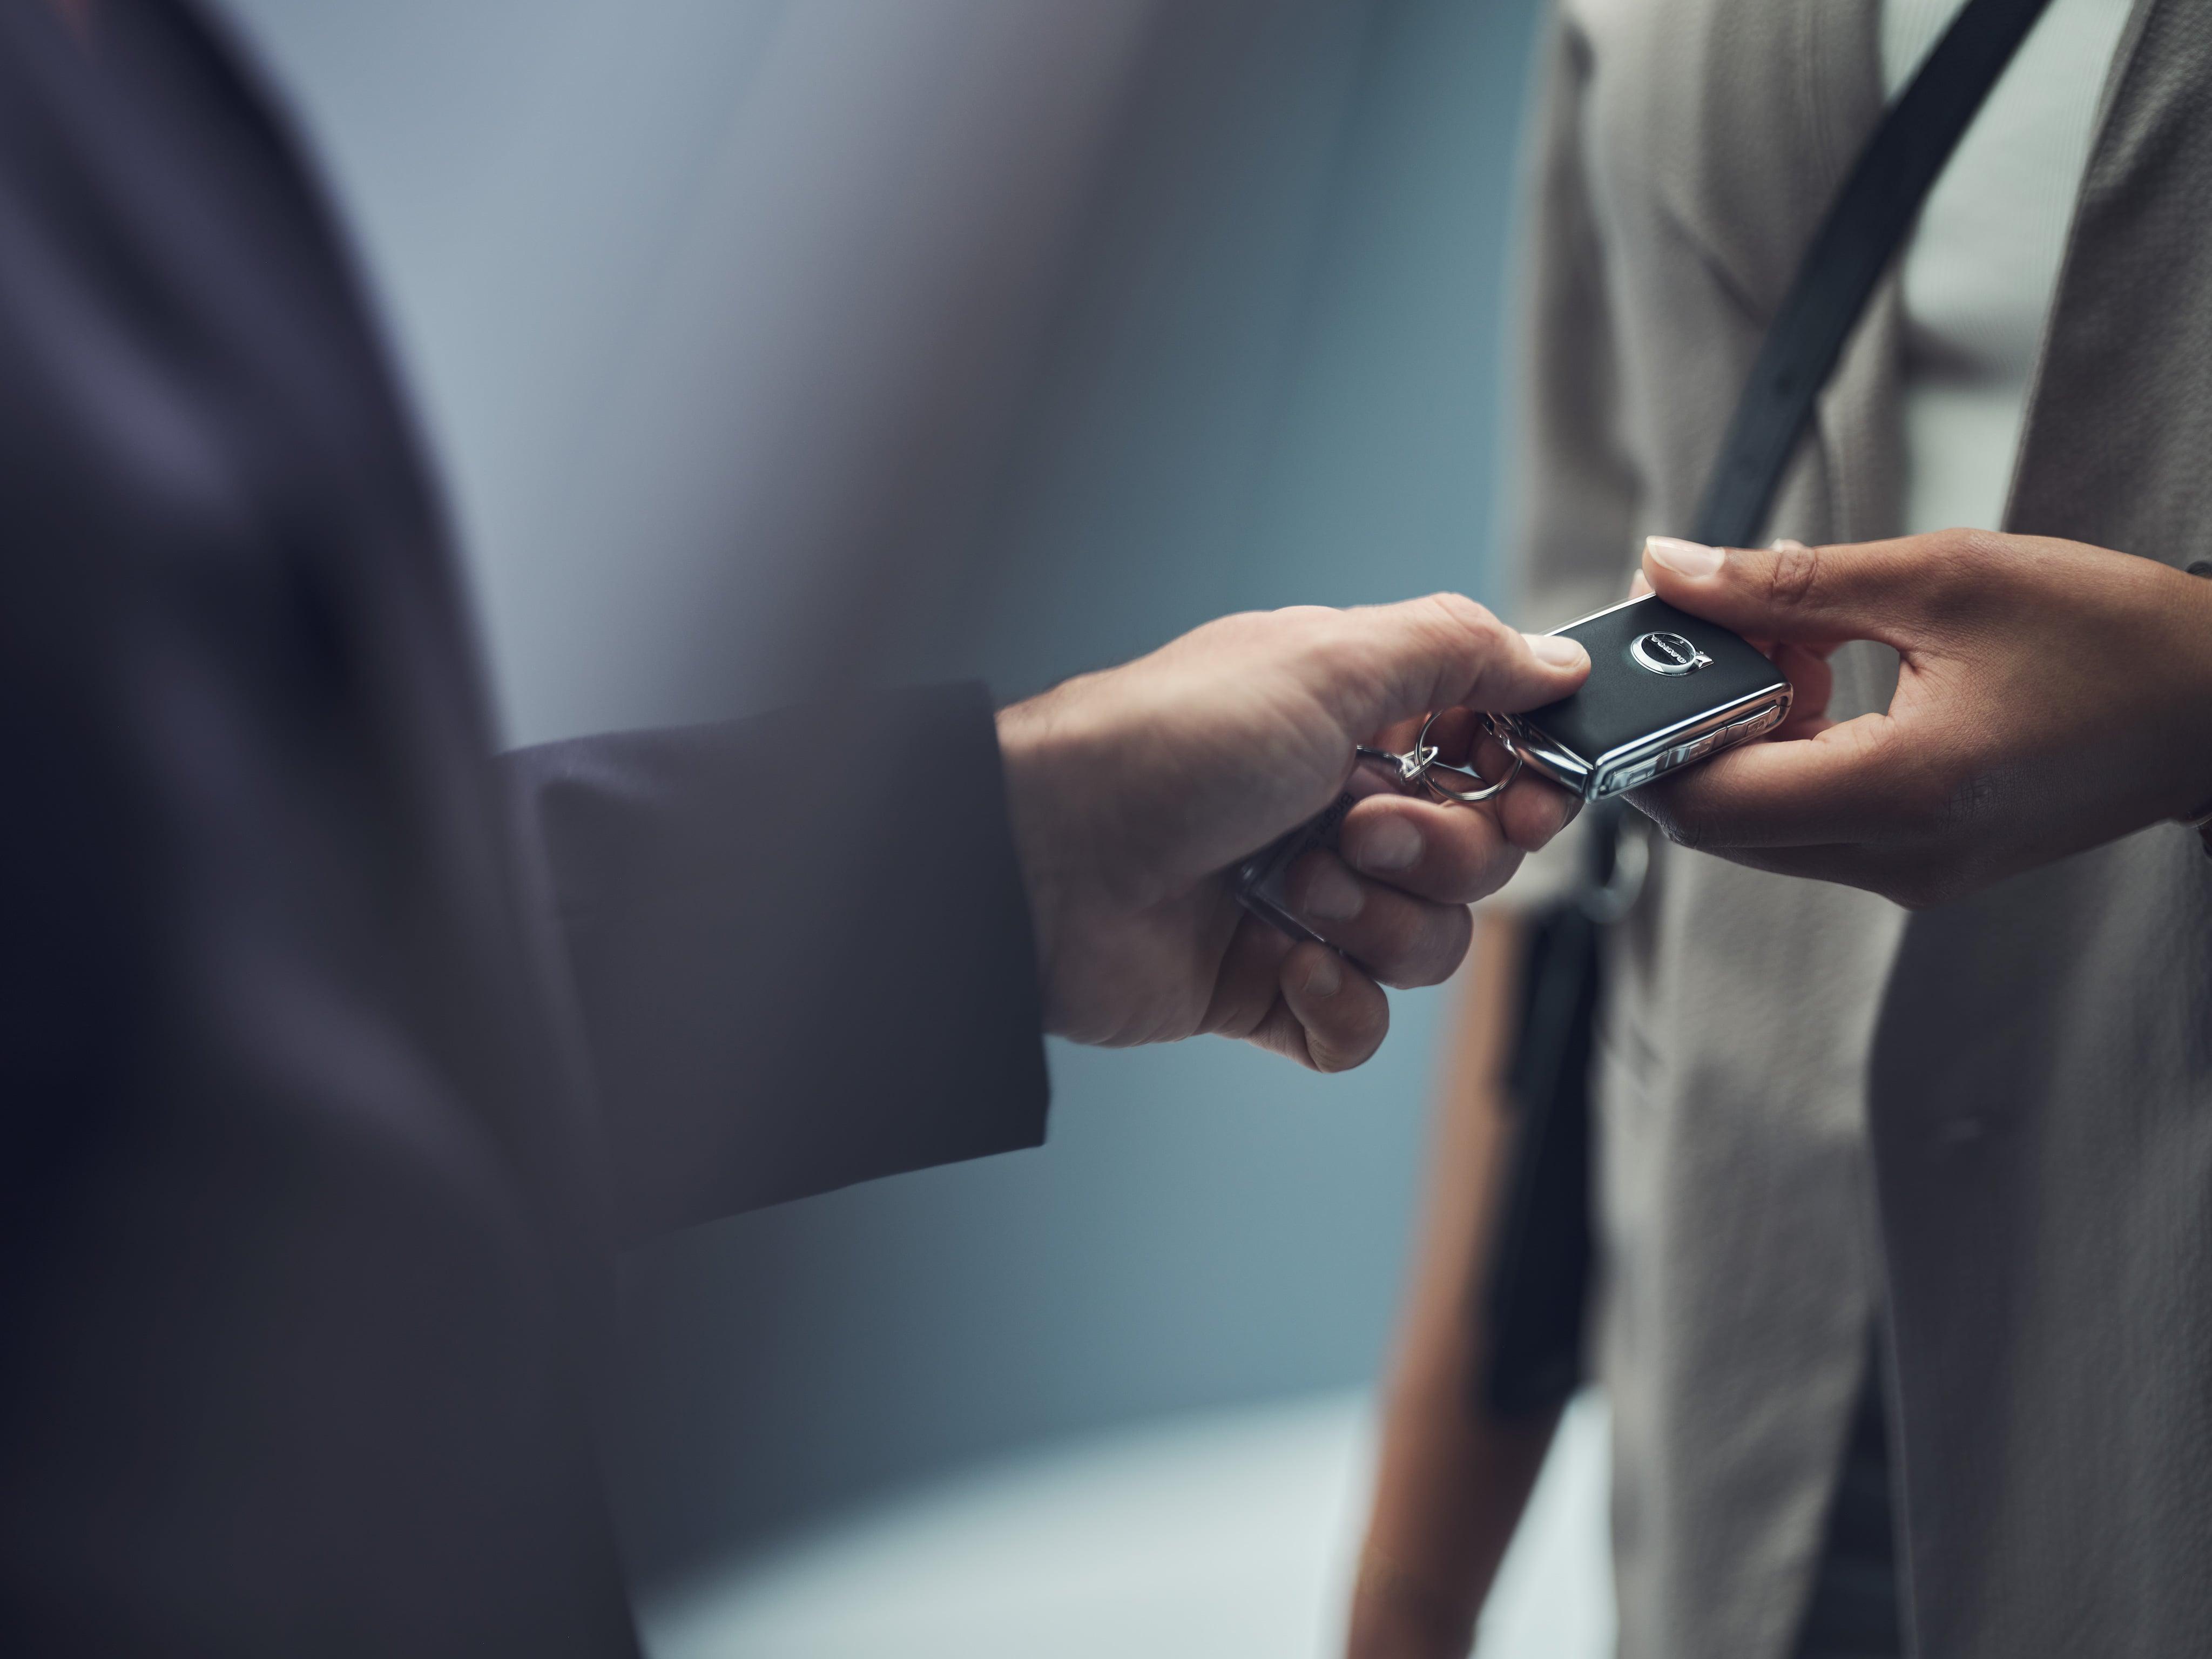 Volvo anahtarını başka birine teslim eden bir kişi.